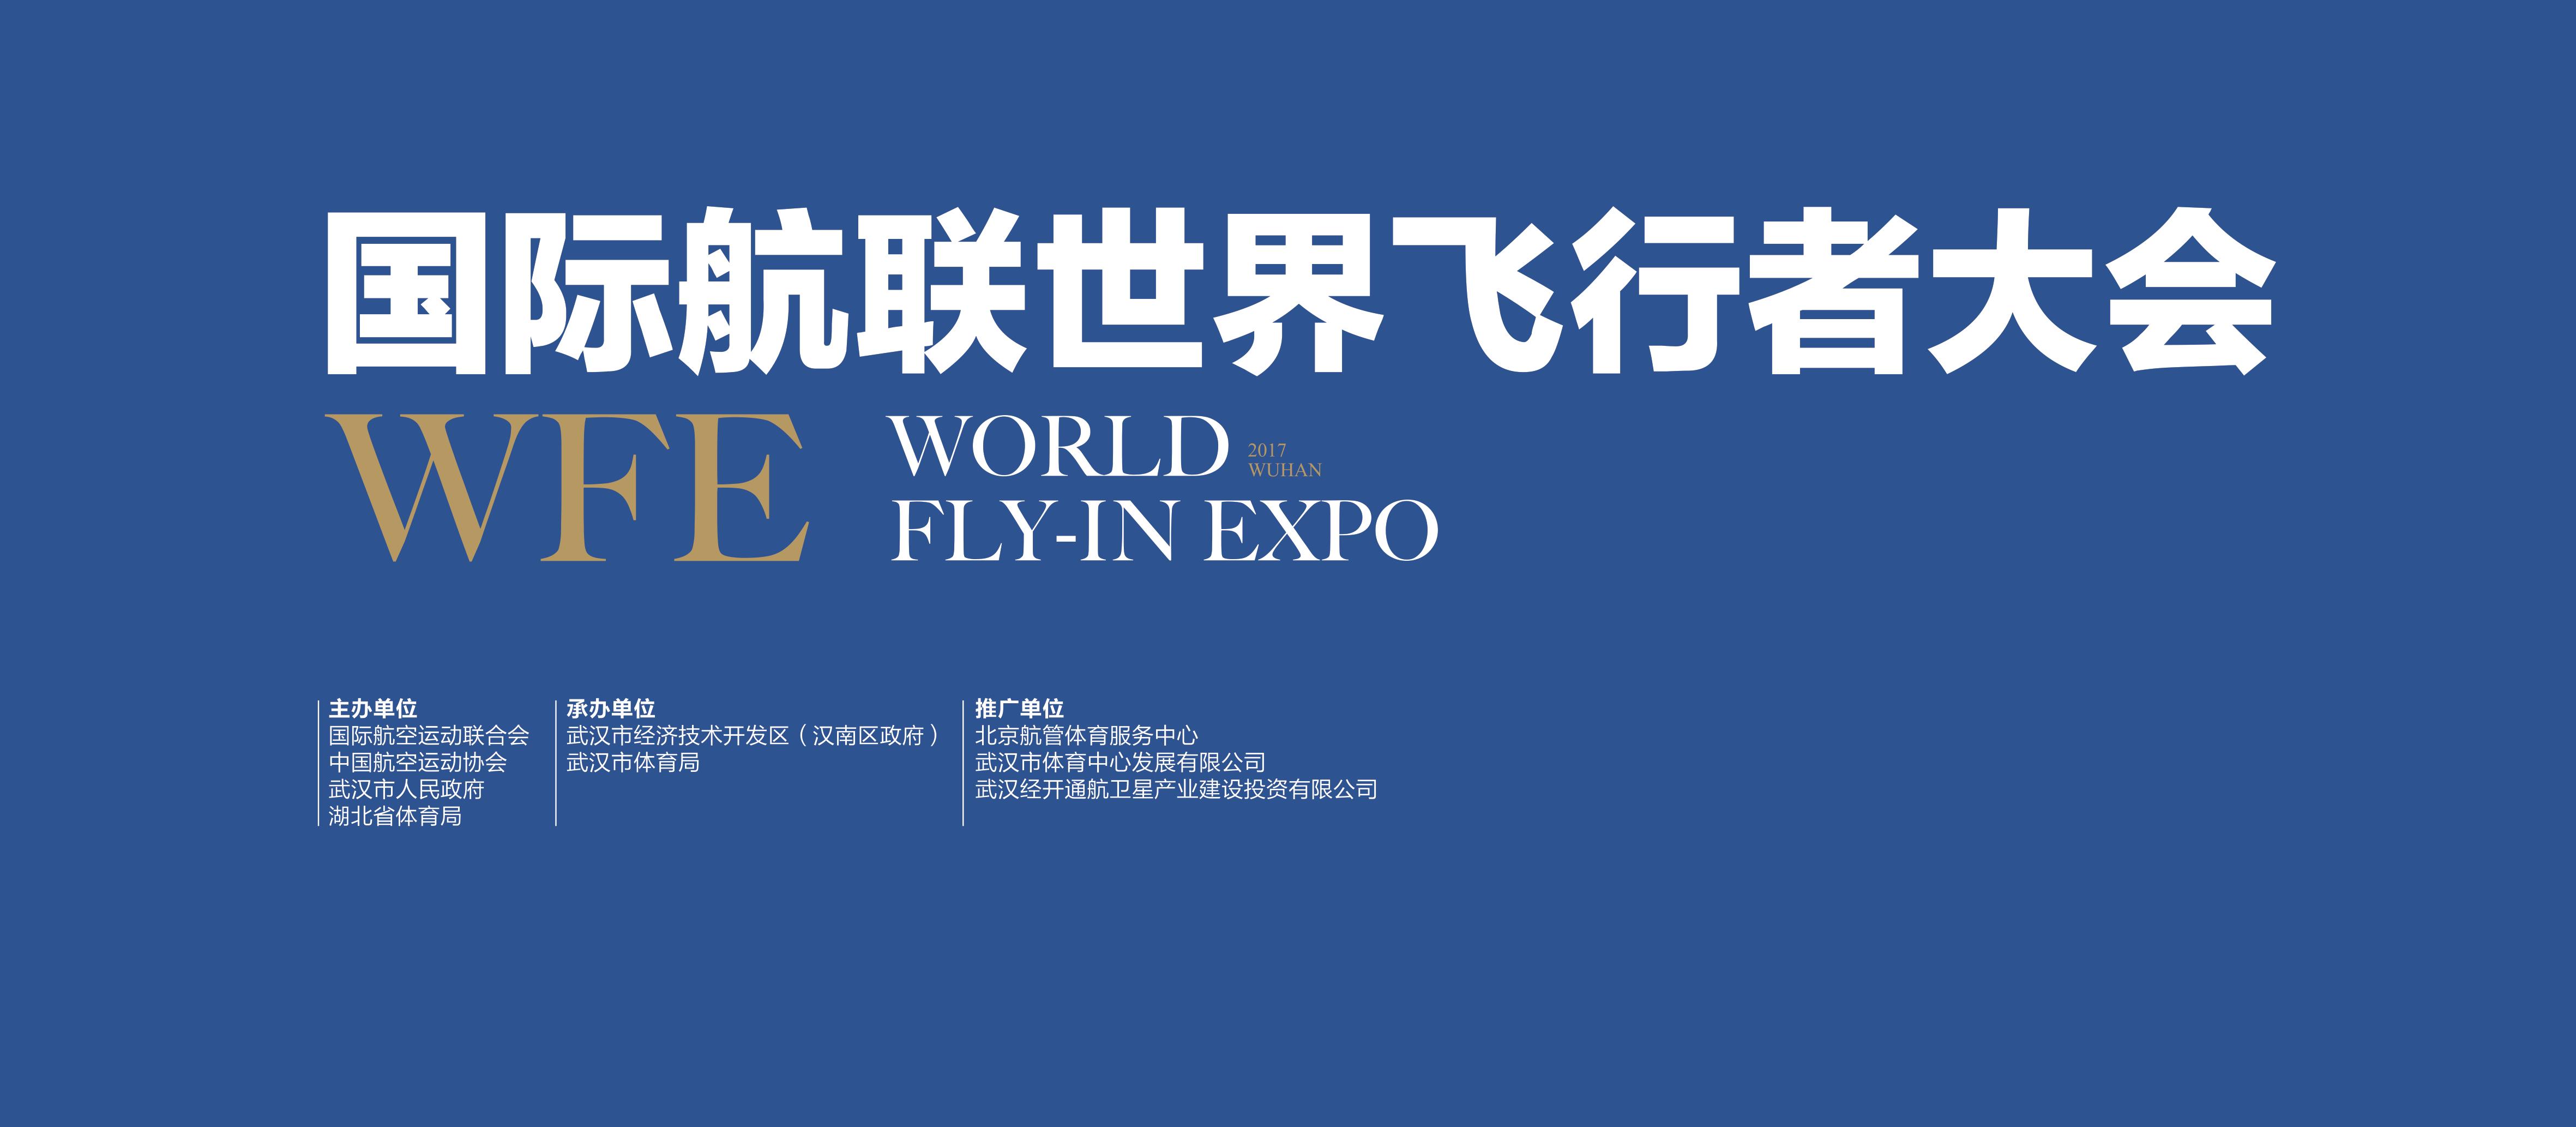 国际航联世界飞行者大会